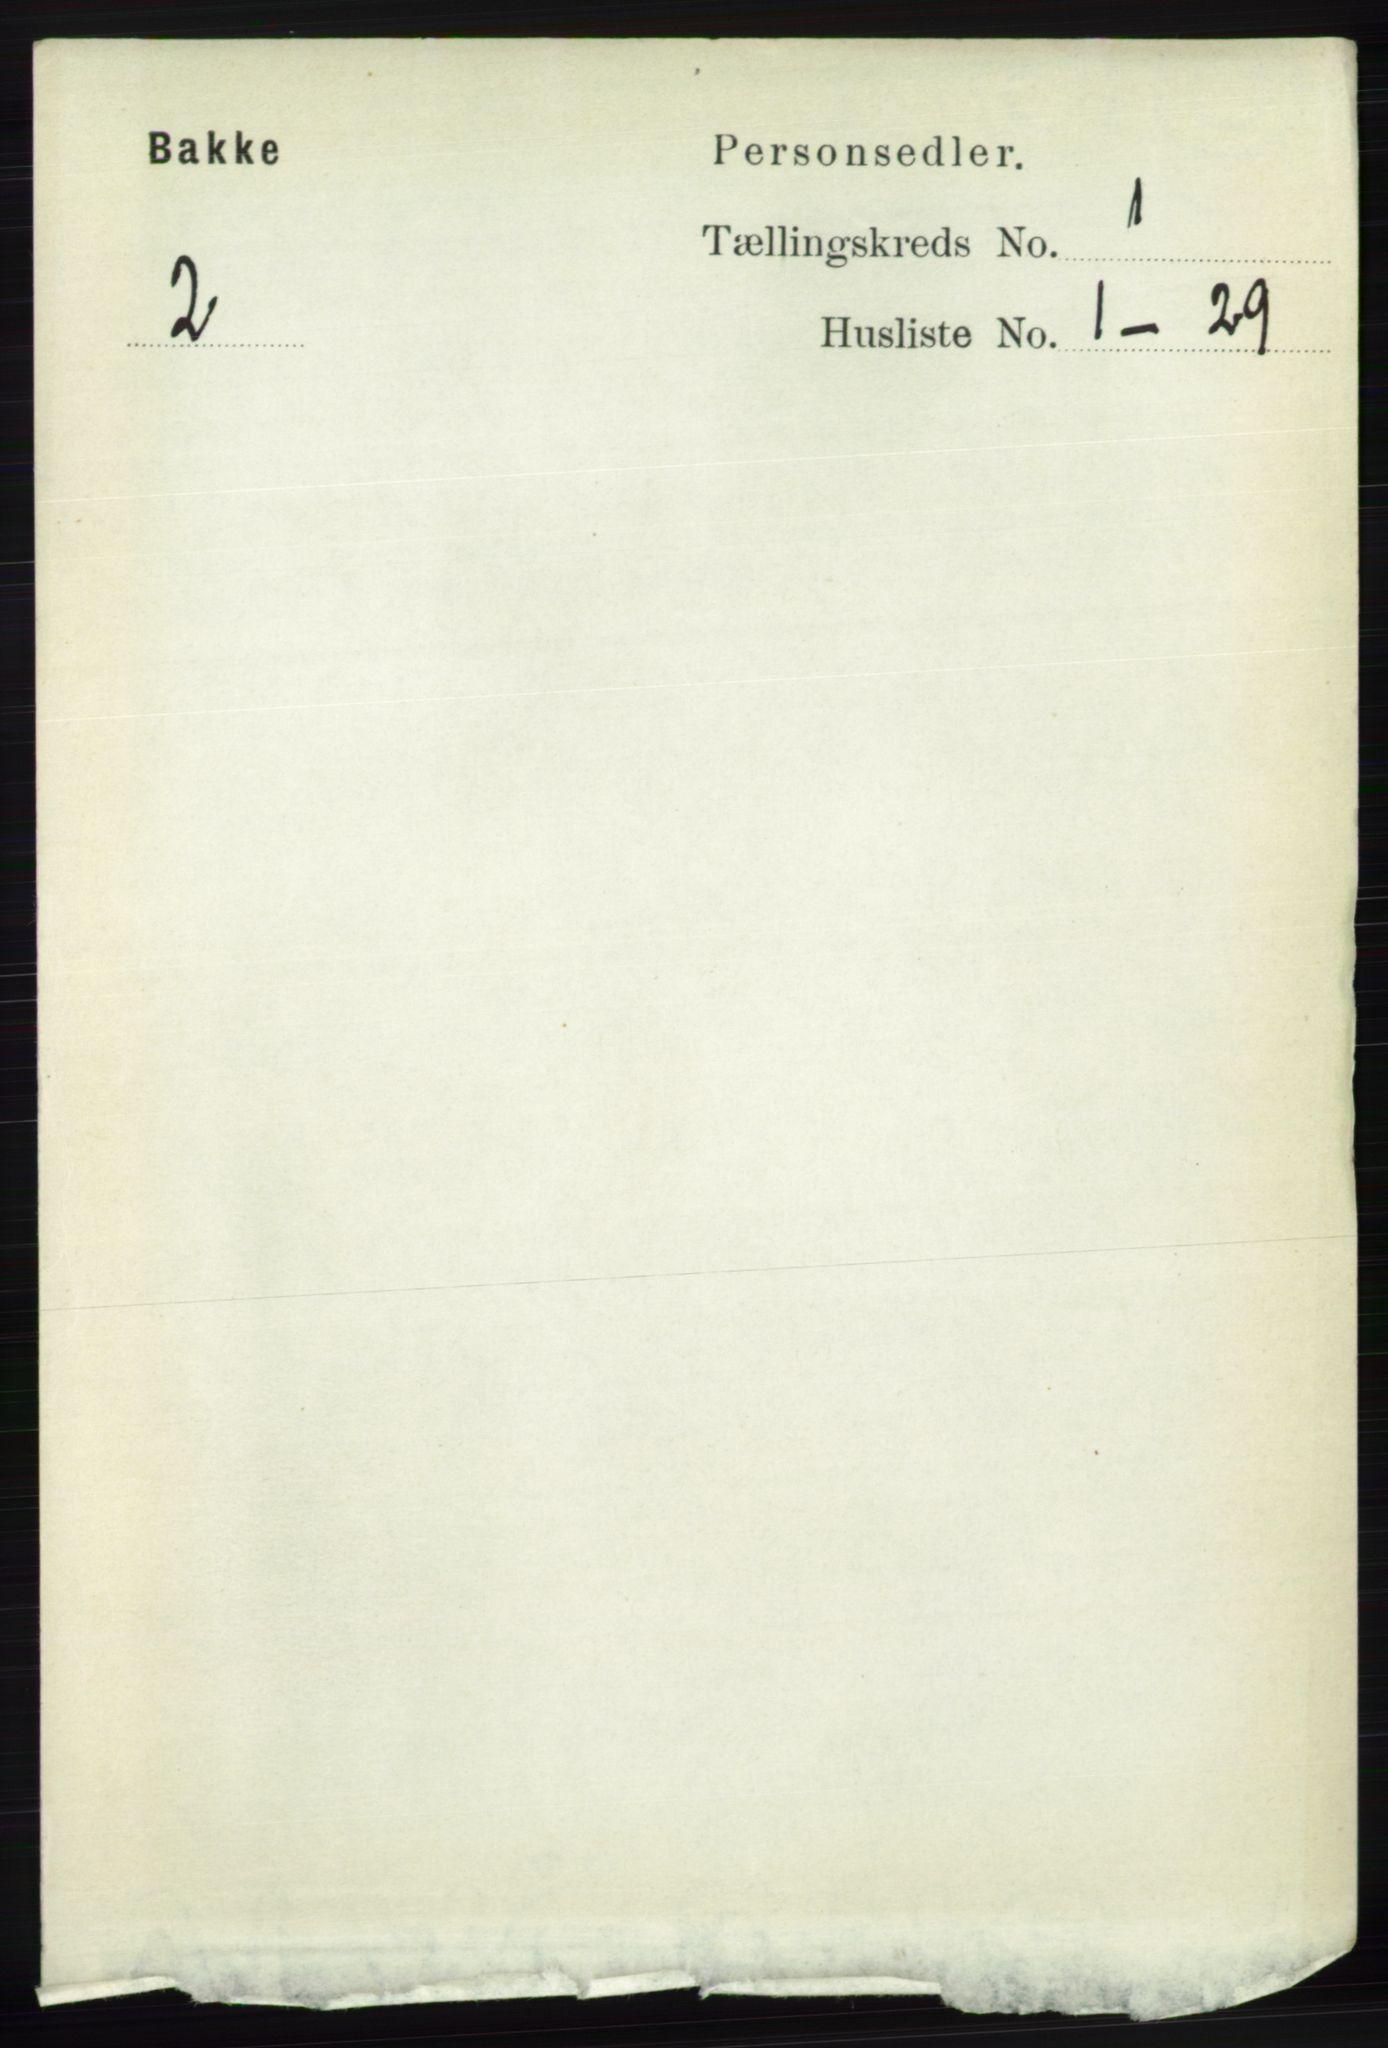 RA, Folketelling 1891 for 1045 Bakke herred, 1891, s. 65